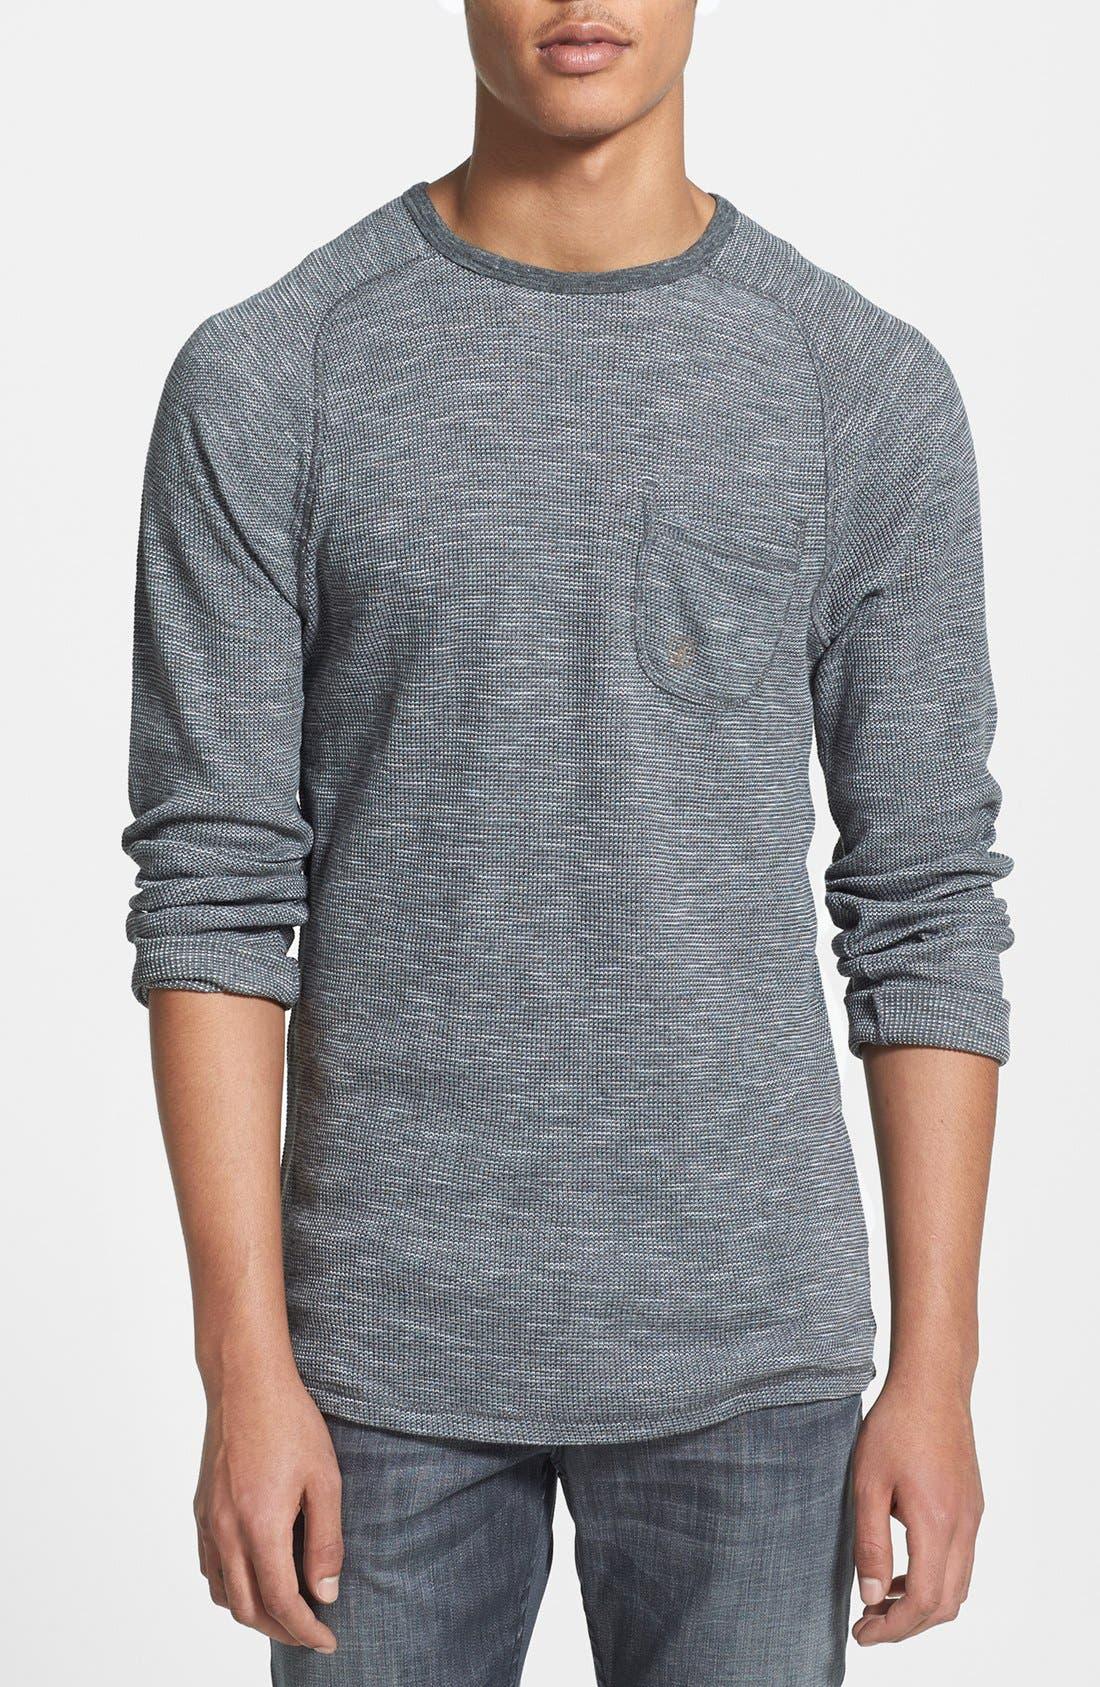 VOLCOM,                             'Upgrade' Slim Fit Long Sleeve Thermal Shirt,                             Main thumbnail 1, color,                             020